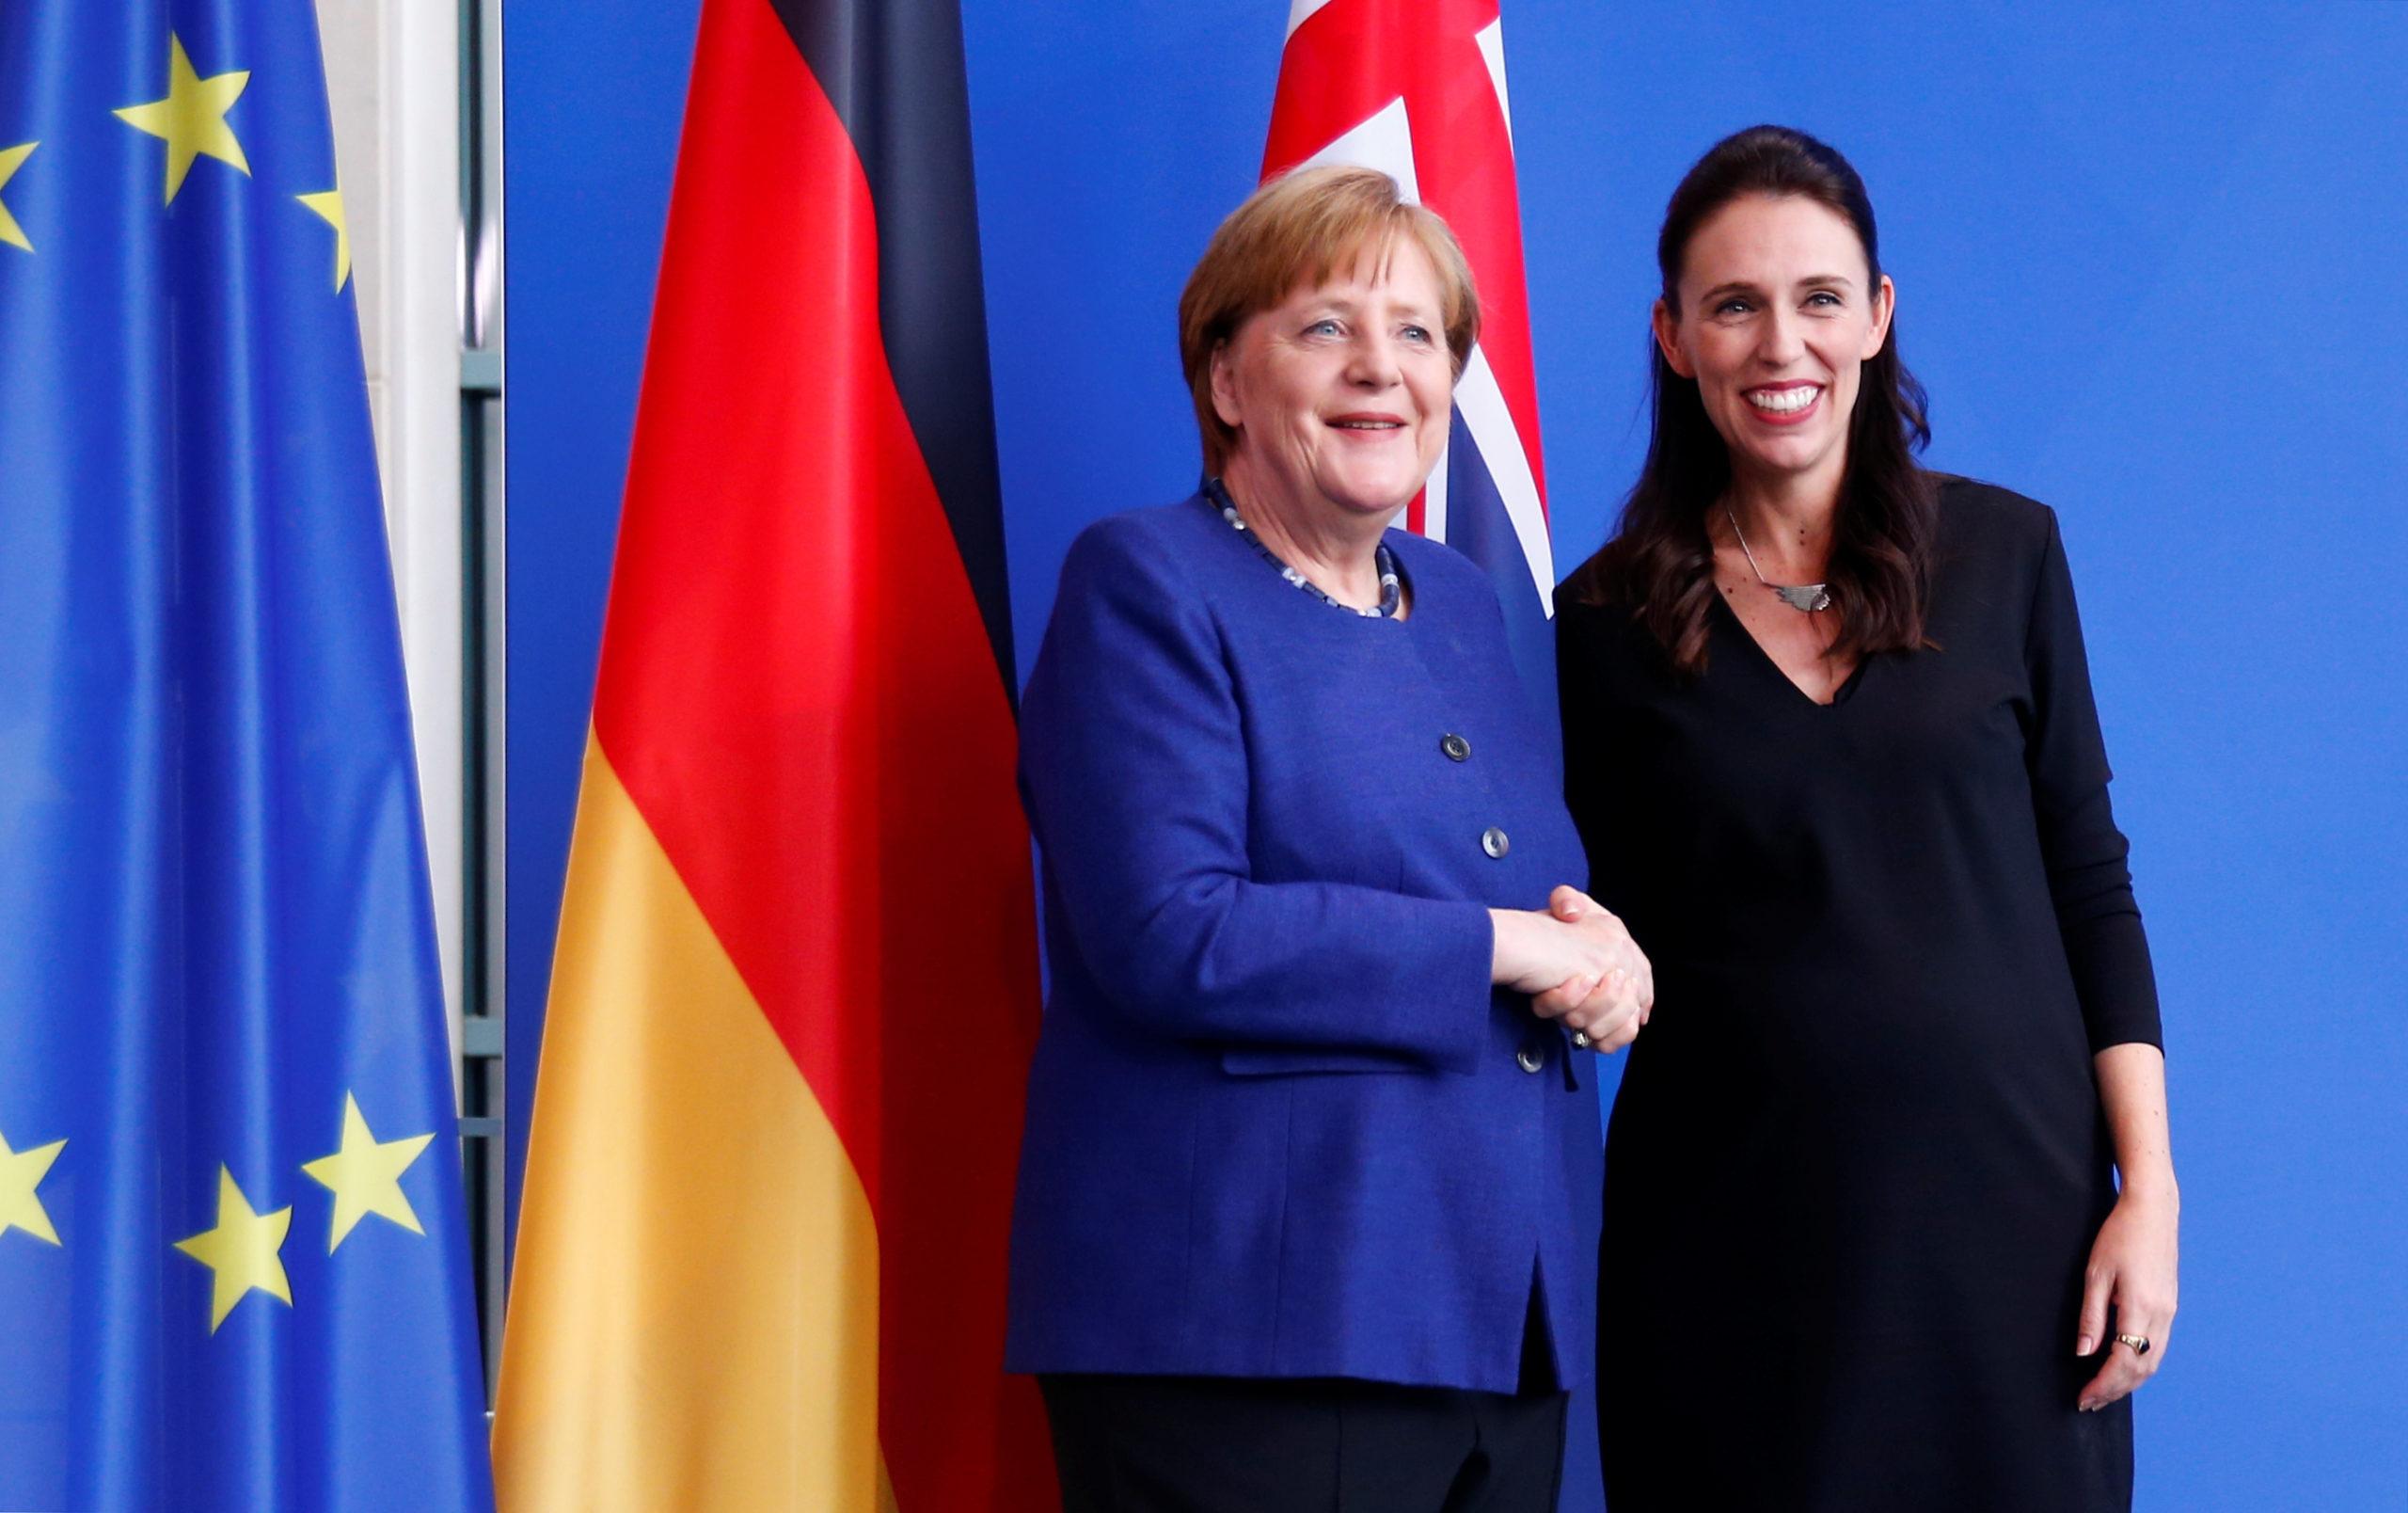 Des femmes leaders ? Les jeunes ont plus de préjugés que les plus âgés